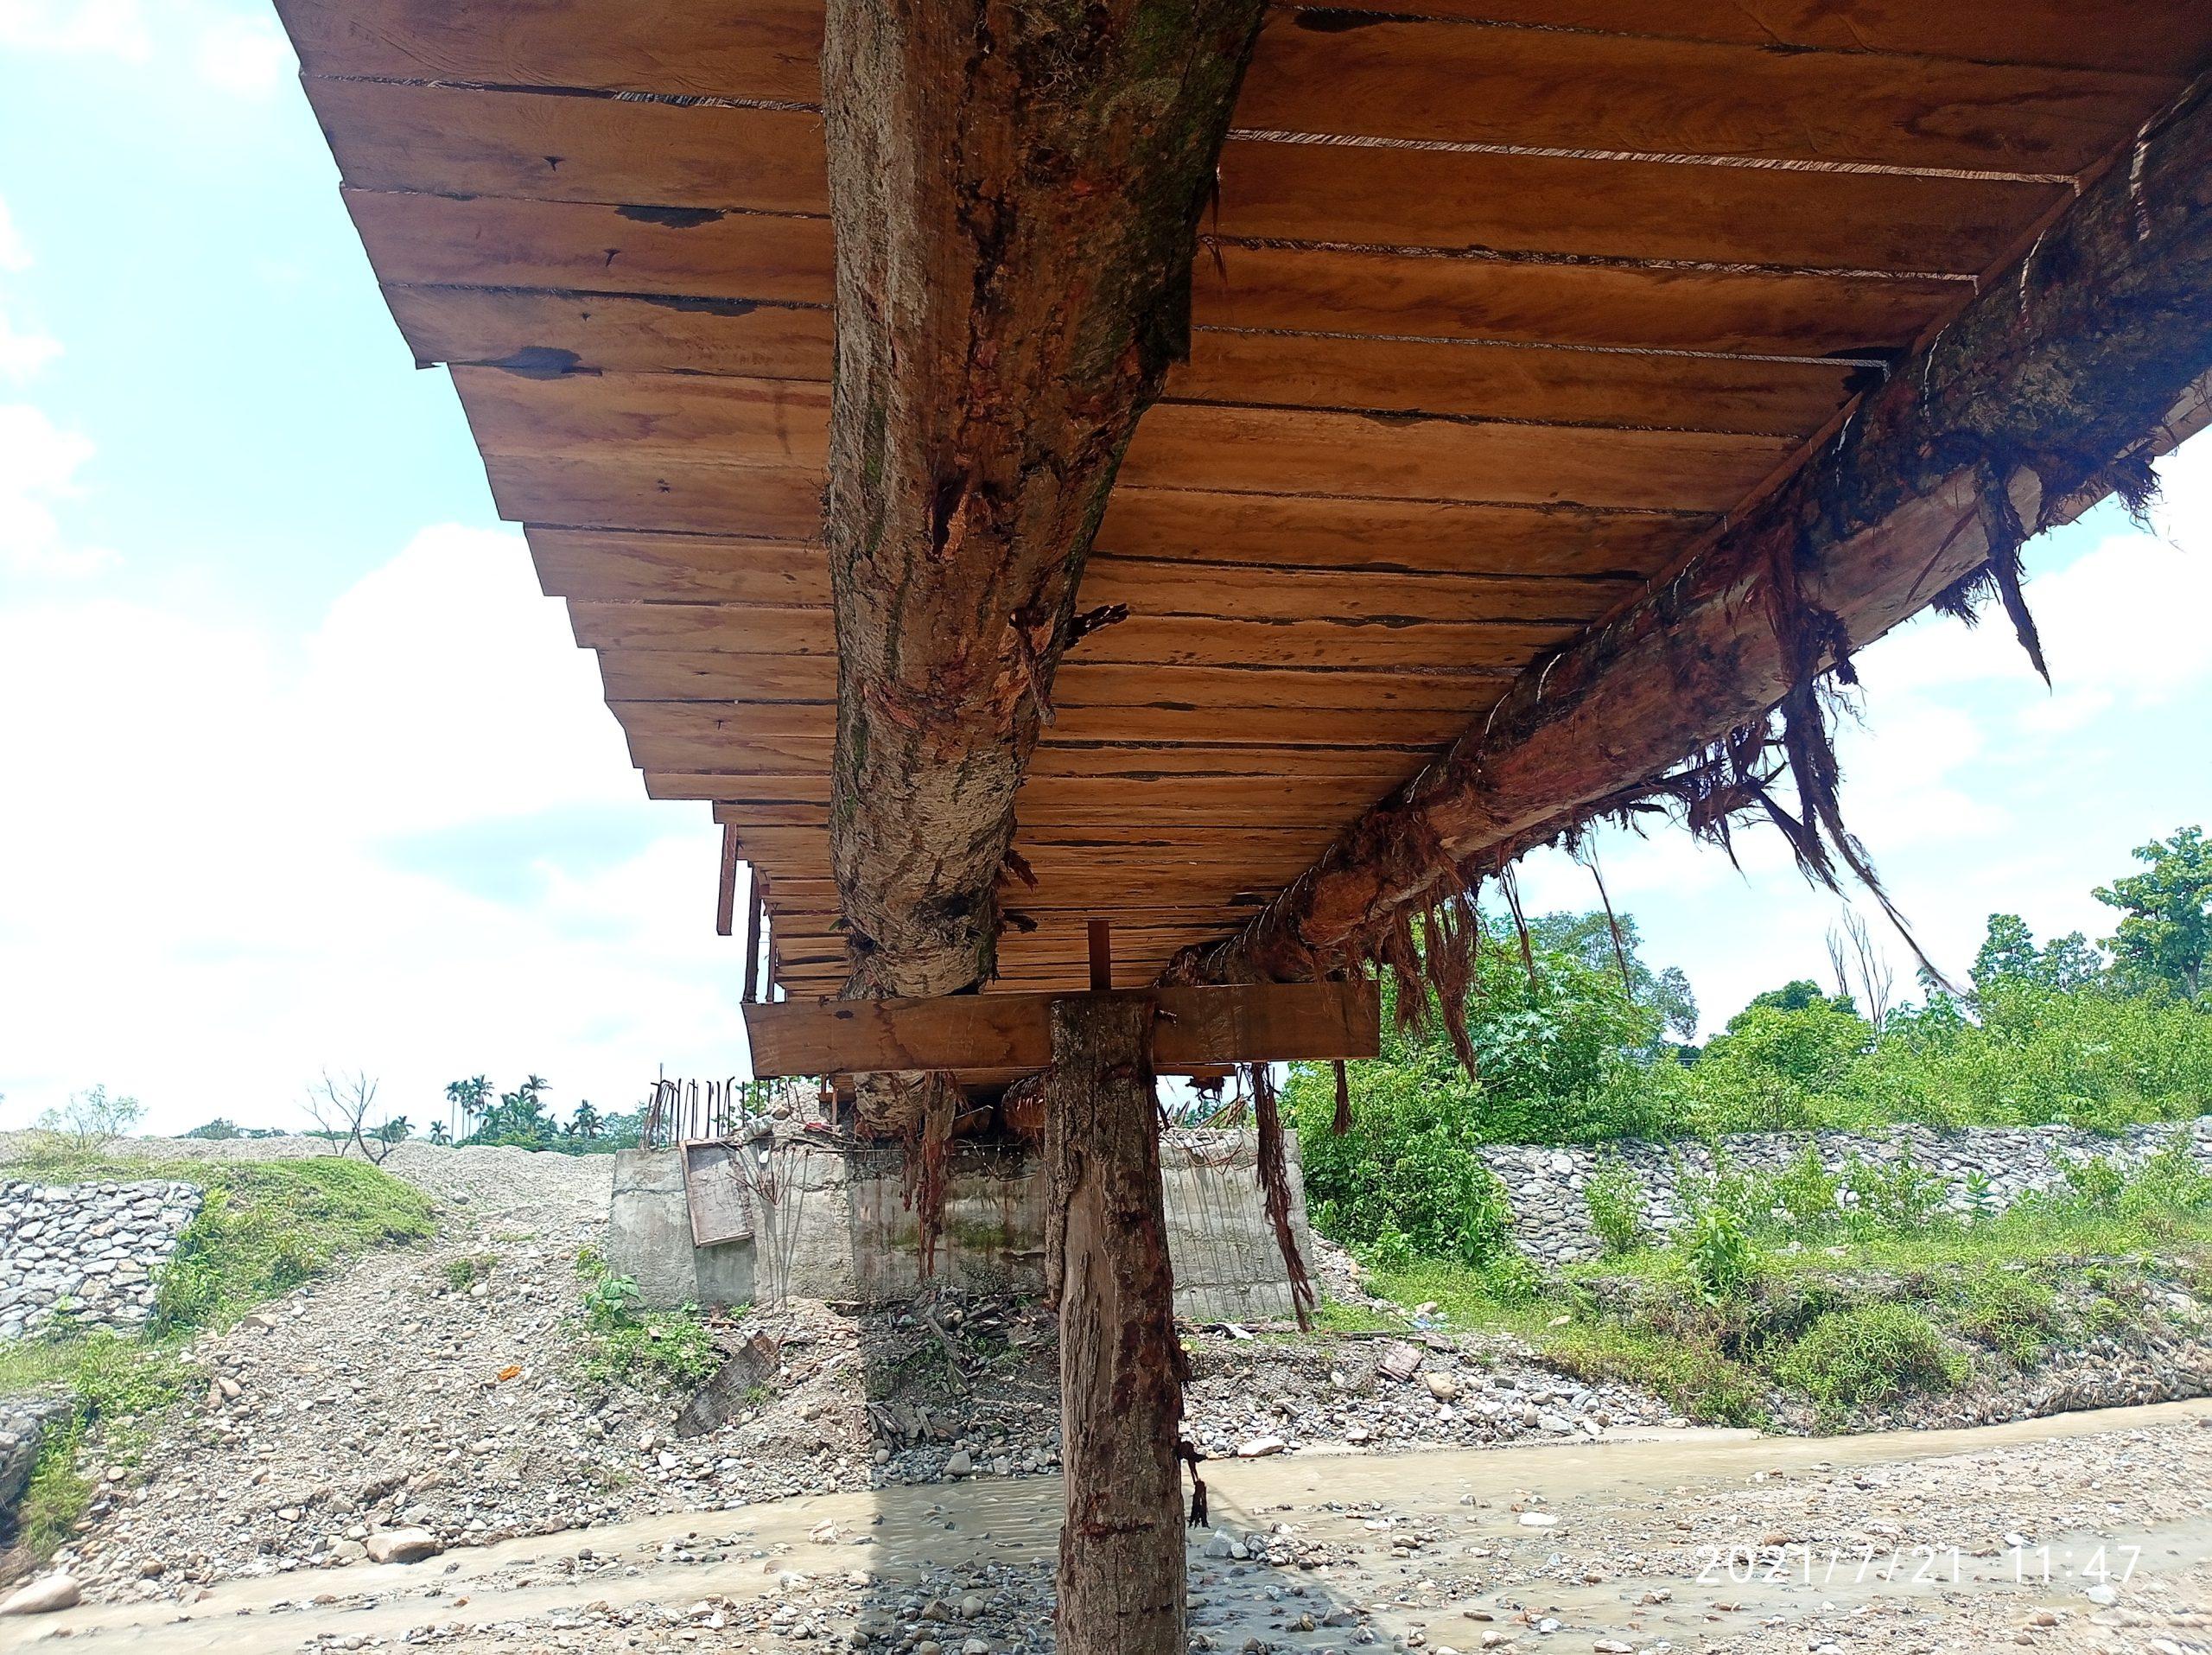 ८८ लाख सकियो पुल बनेन । सालका रुख तेर्साएर  पुल बनाइयो , वन अधिकृतहरू भन्छन् , रुख ढाल्ने बिरुद्ध मुद्दा चलाउँछाैं